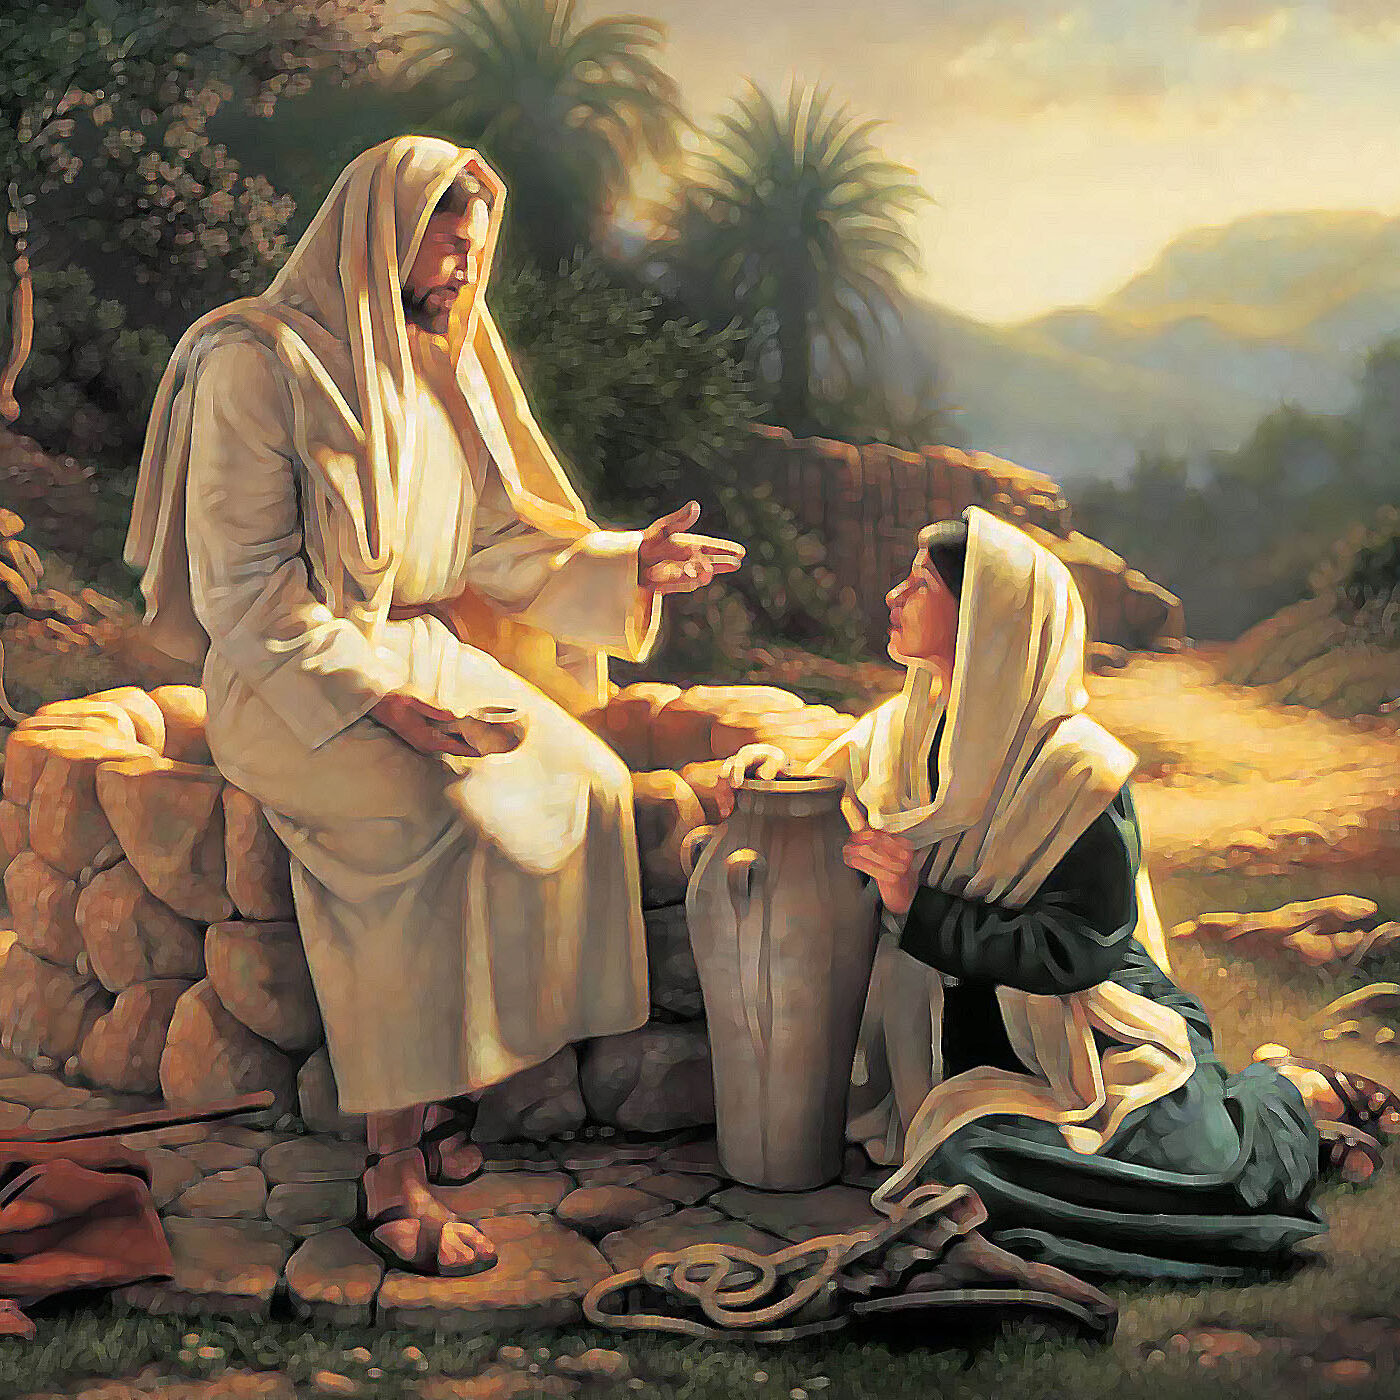 riflessioni sul Vangelo di Giovedì 8 Ottobre 2020 (Lc 11, 5-13)